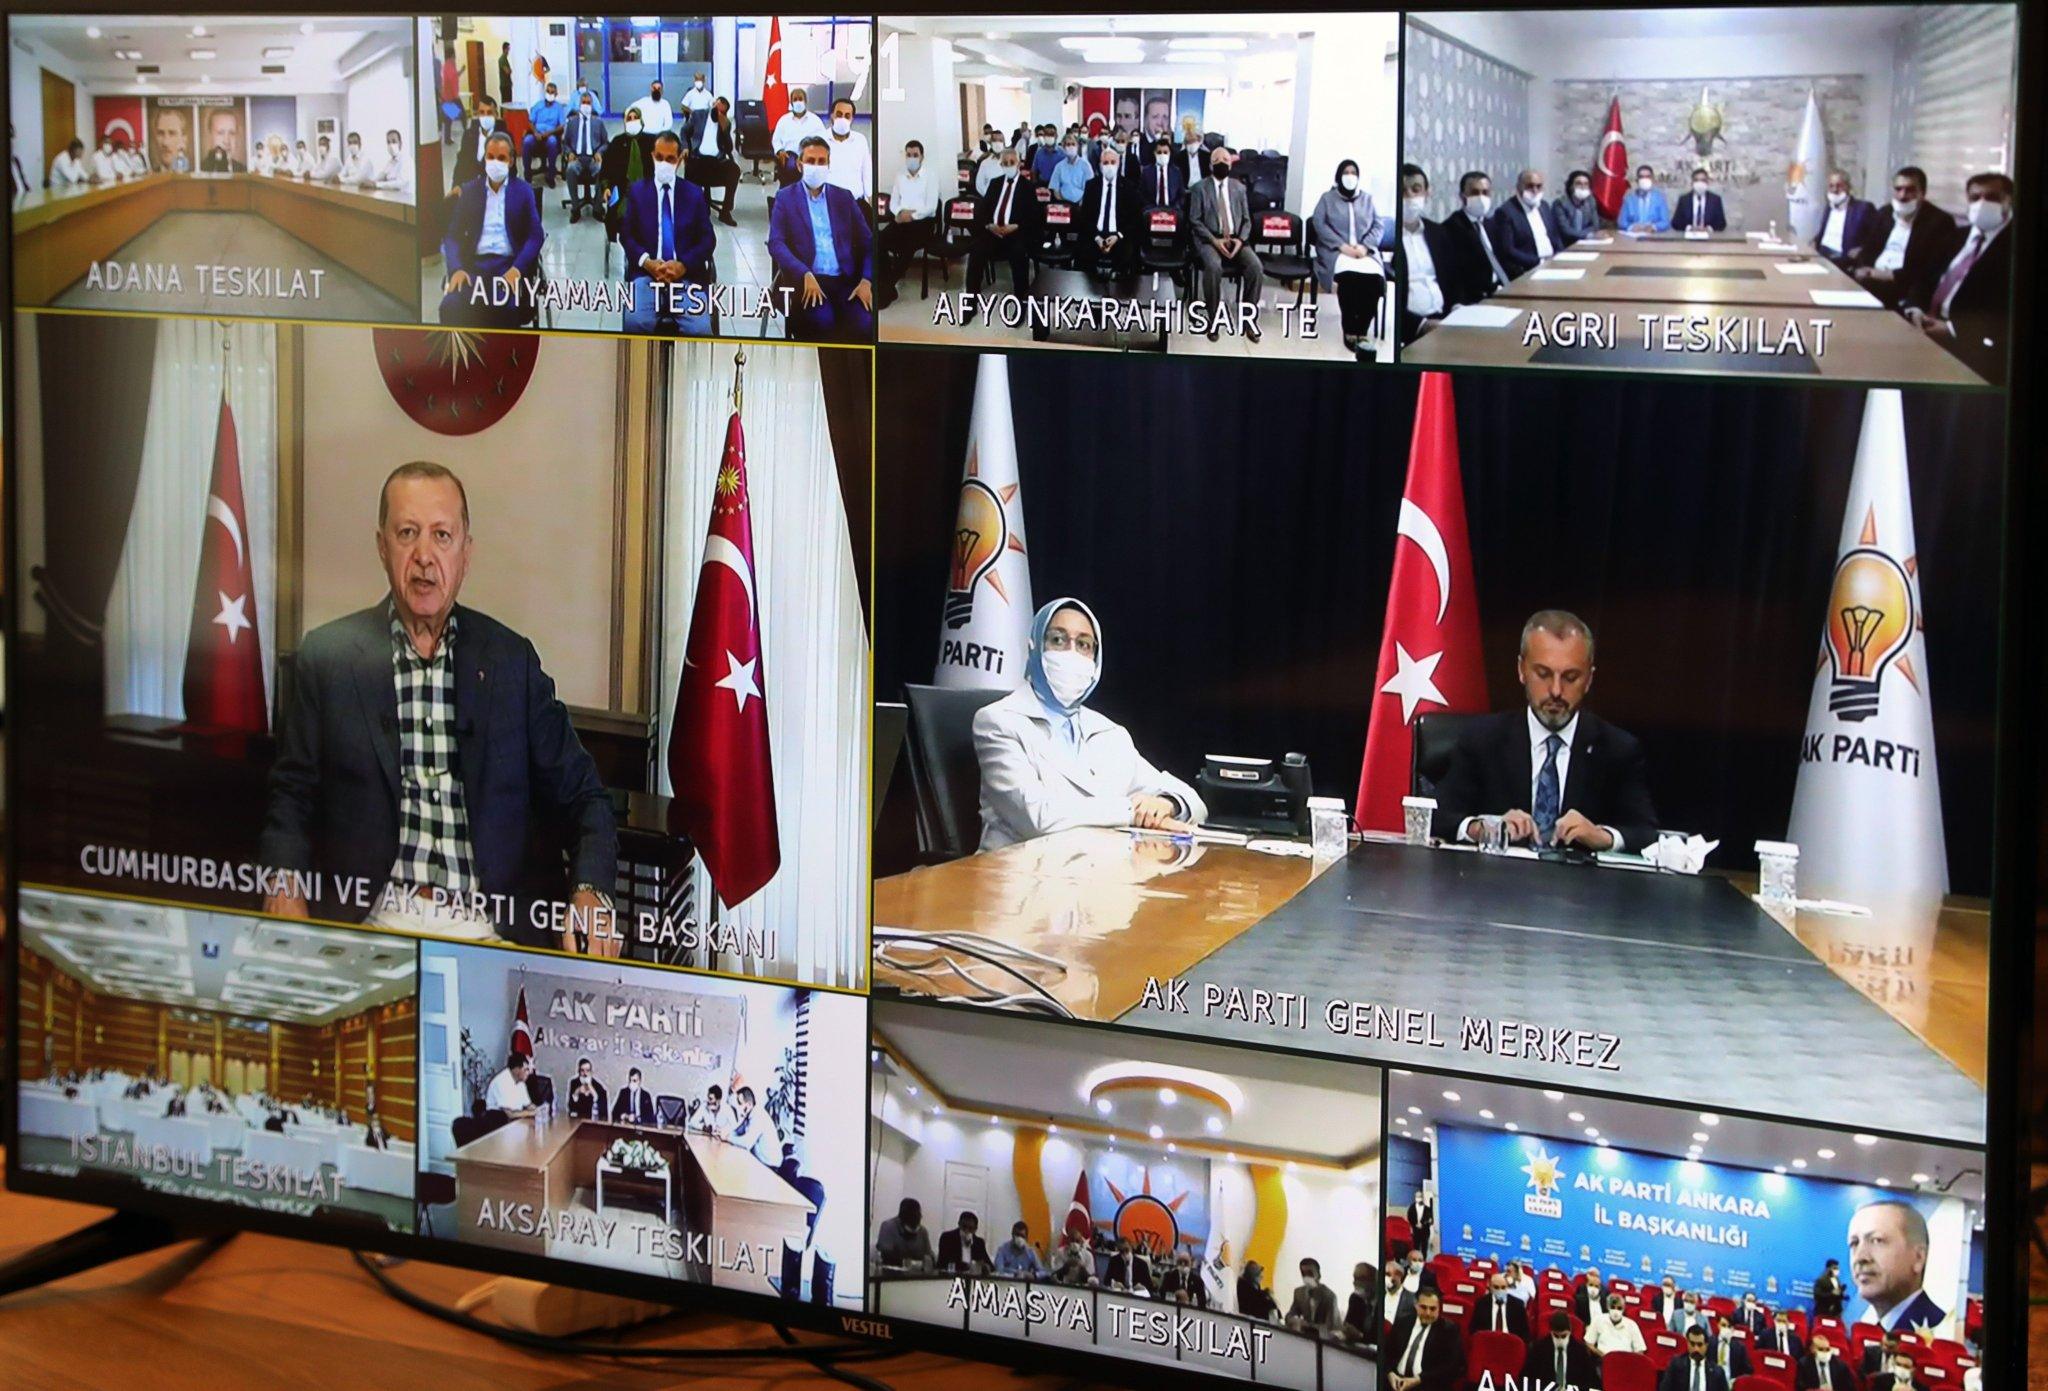 Ağrı AK Parti Cumhurbaşkanı Erdoğan ile bayramlaştı